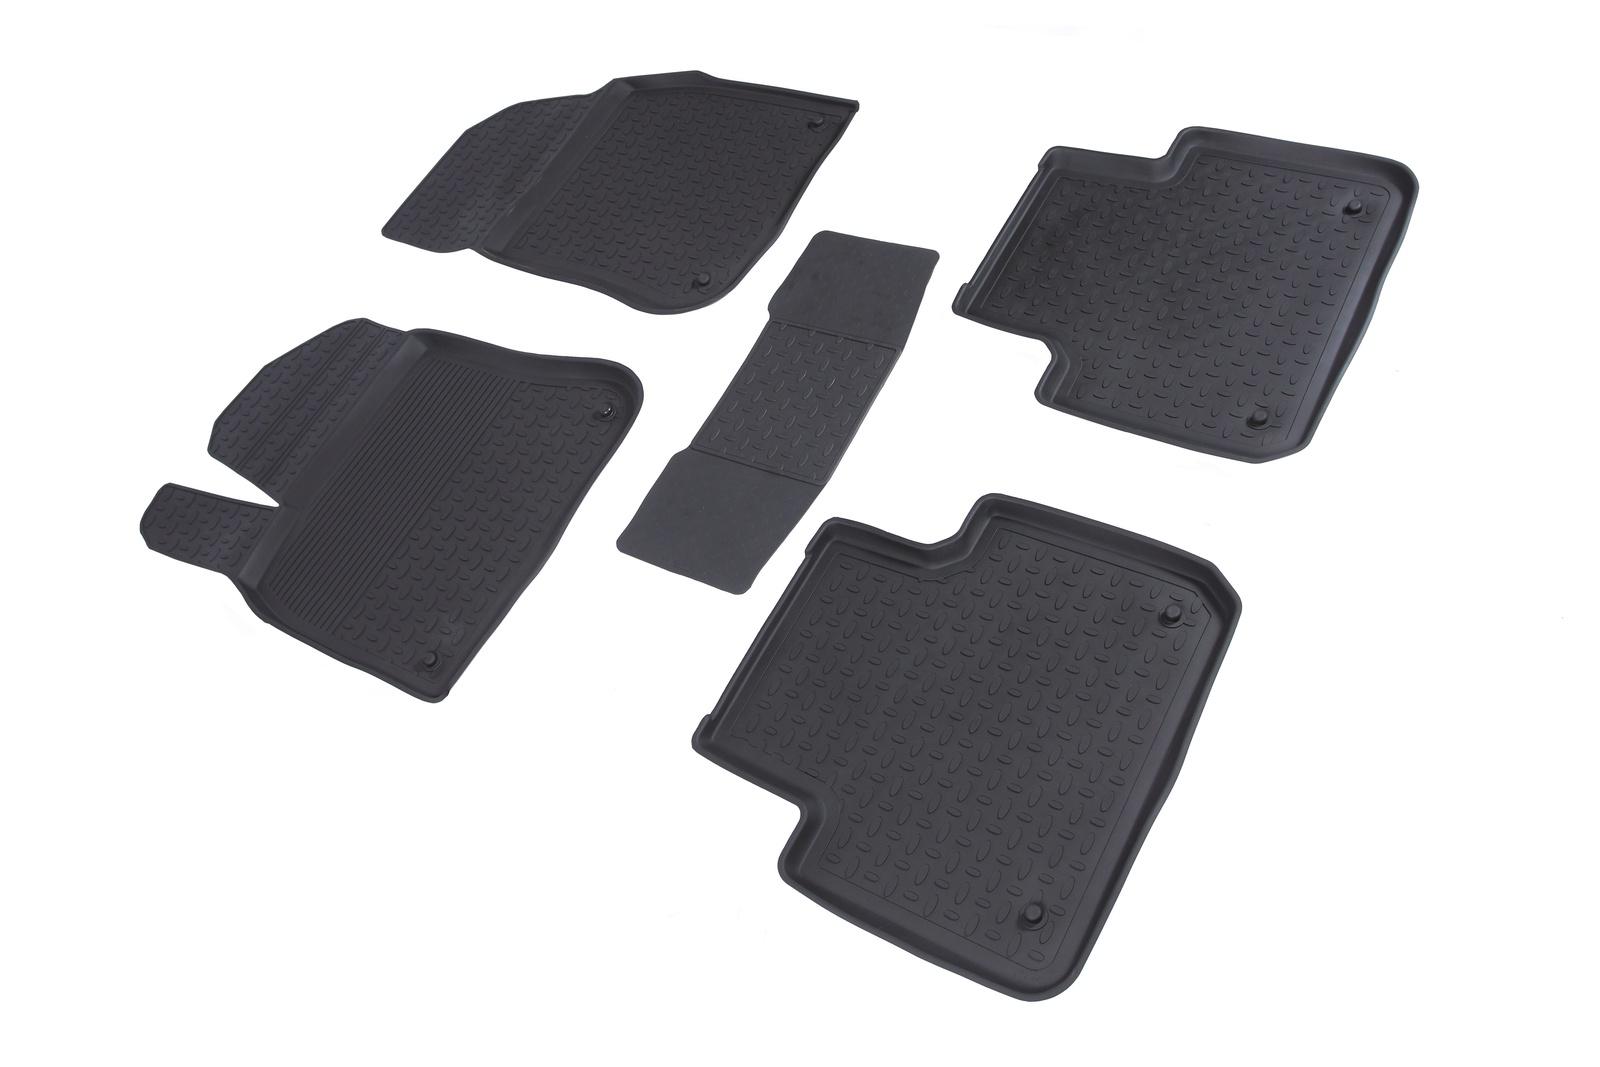 Коврики в салон автомобиля Seintex Резиновые коврики с высоким бортом для KIA Cerato 2009-2013 недорго, оригинальная цена